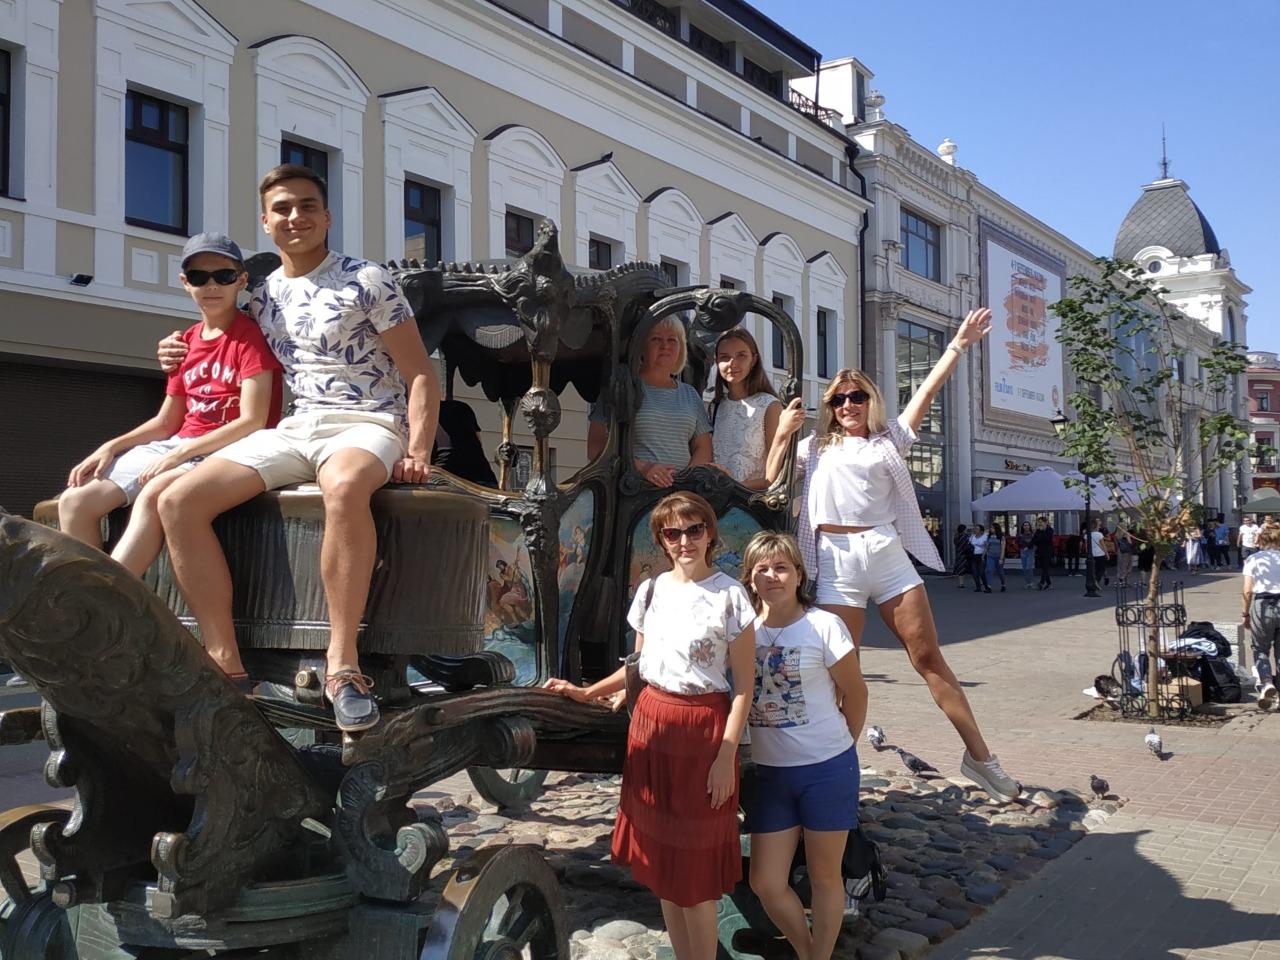 Пешеходная экскурсия по удивительной Казани - индивидуальная экскурсия в Казани от опытного гида